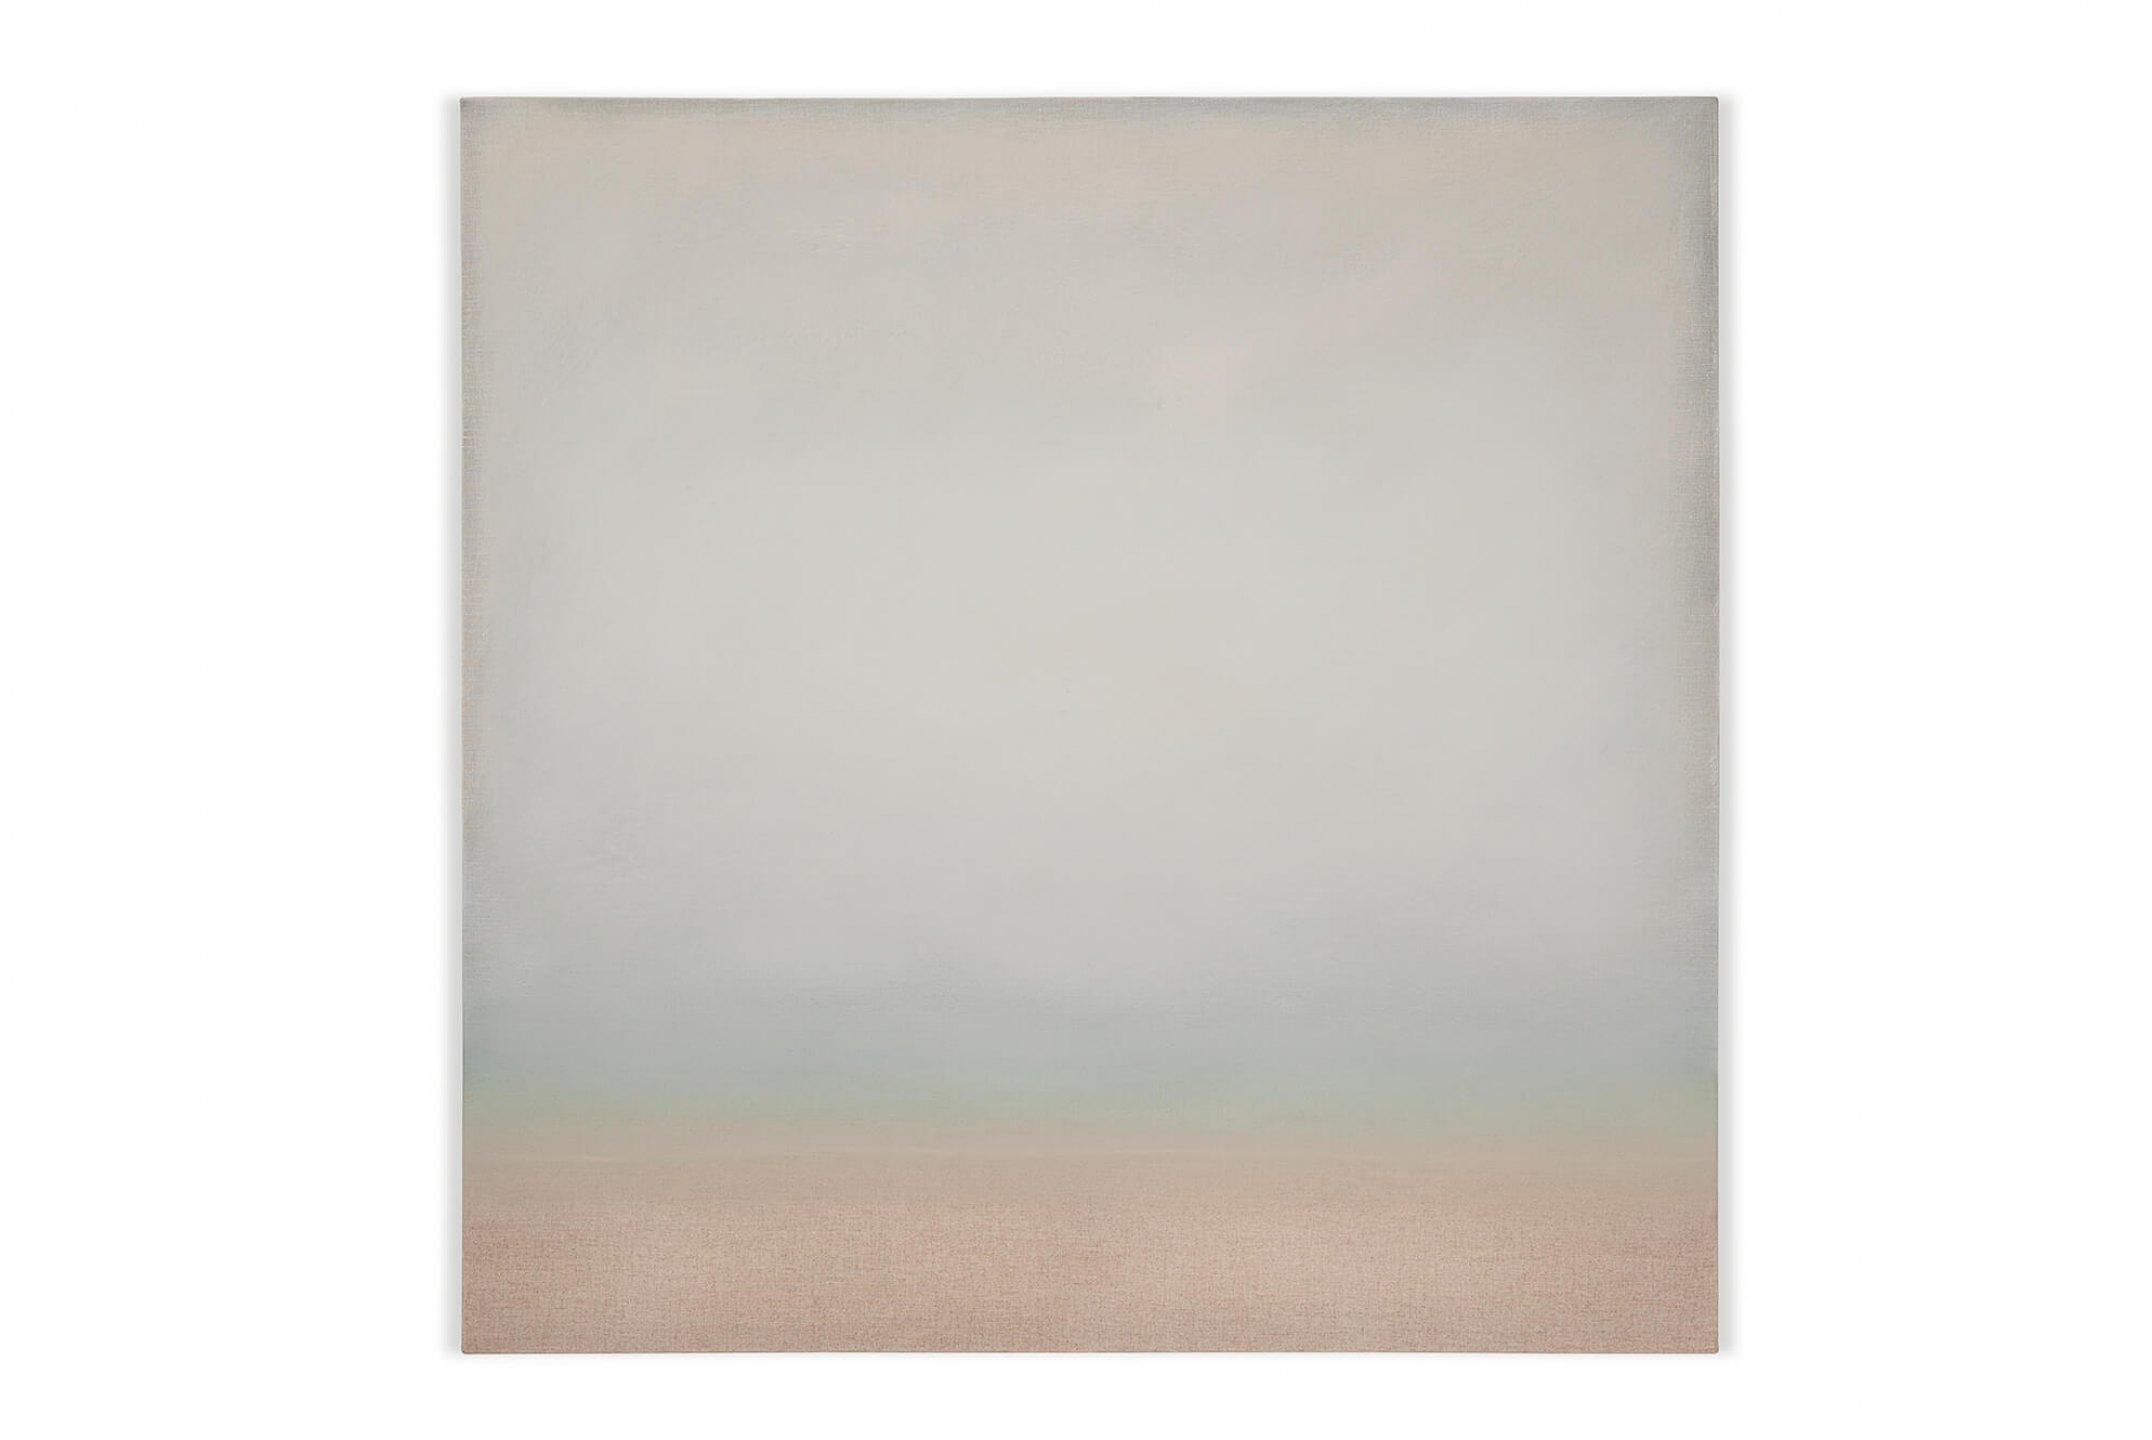 Lucas Arruda,&nbsp;<em>untitled</em>, 2014, oil on canvas, 80 × 80 cm - Mendes Wood DM